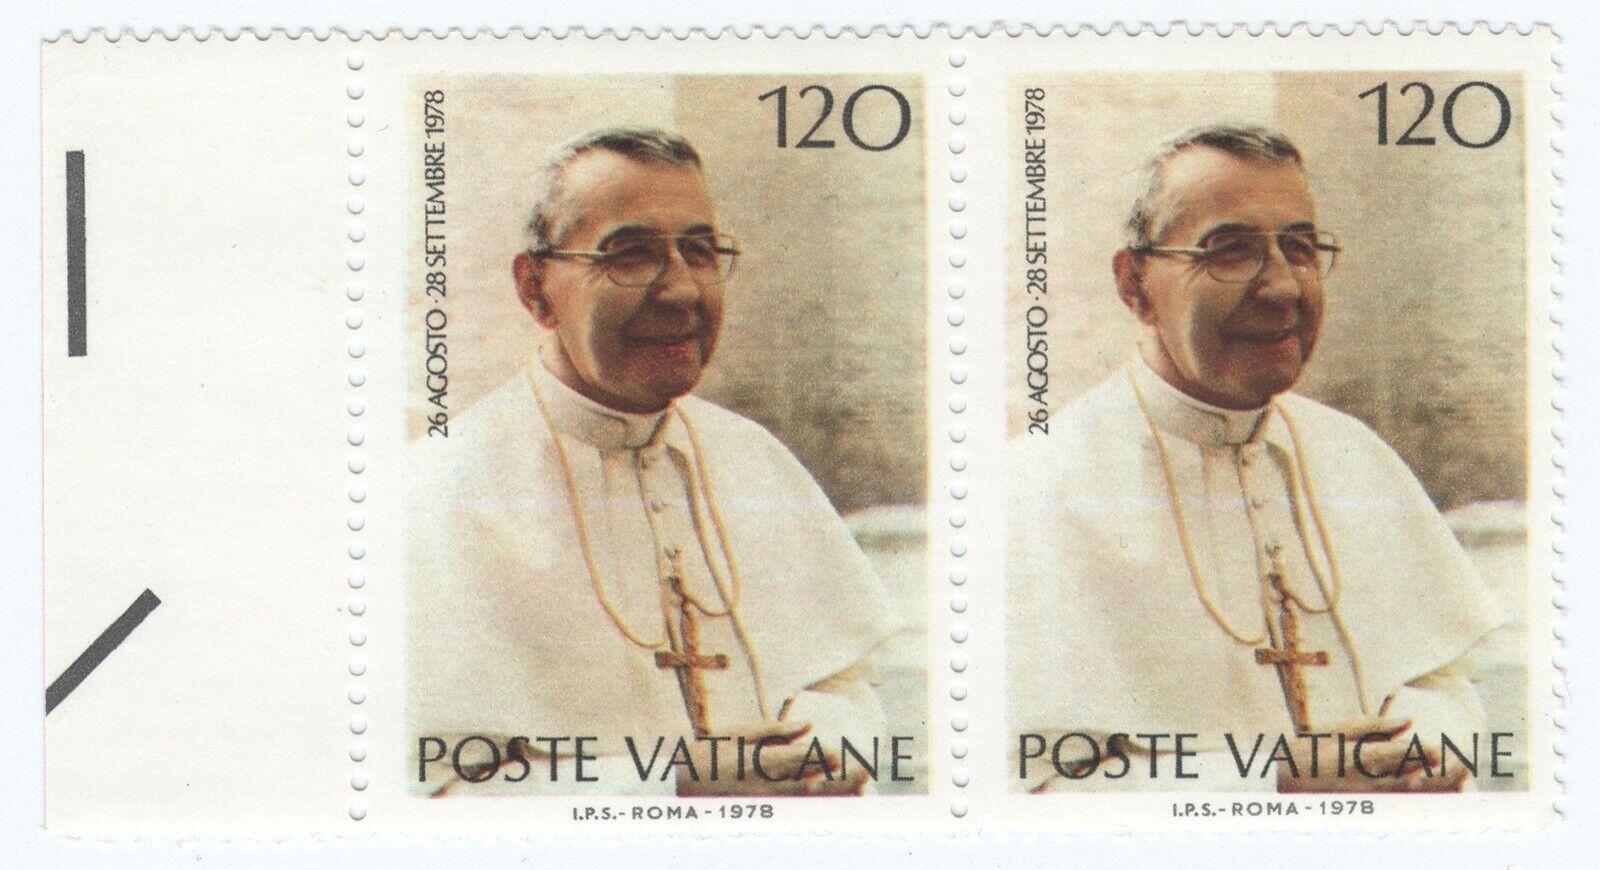 Vatican City Poste Vaticane Stamps - 6 Stamps - $0.99